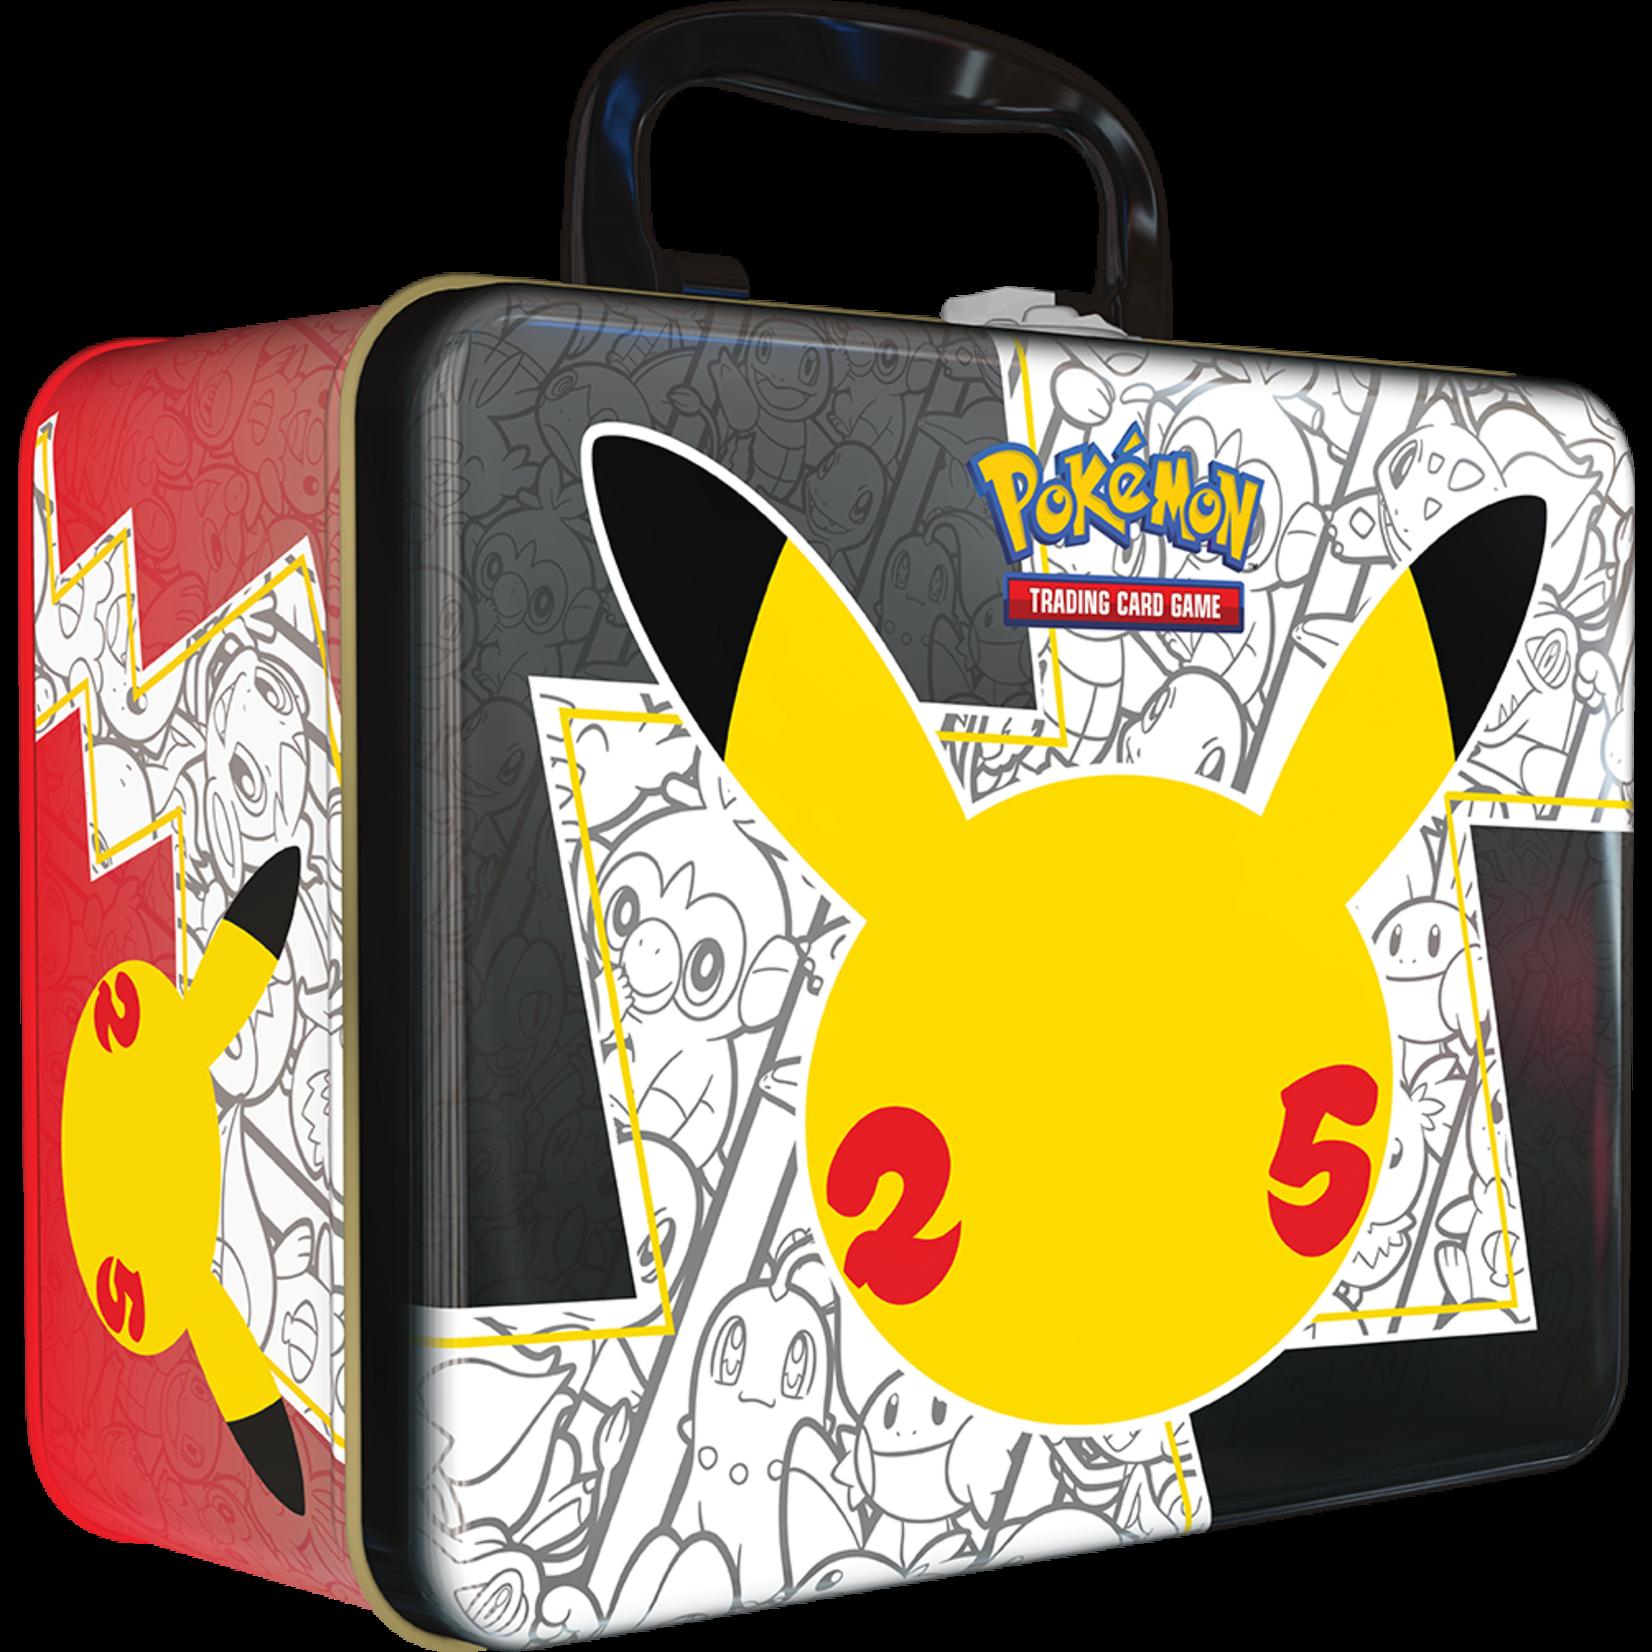 Pokémon Pokémon TCG: Celebrations Collector Chest